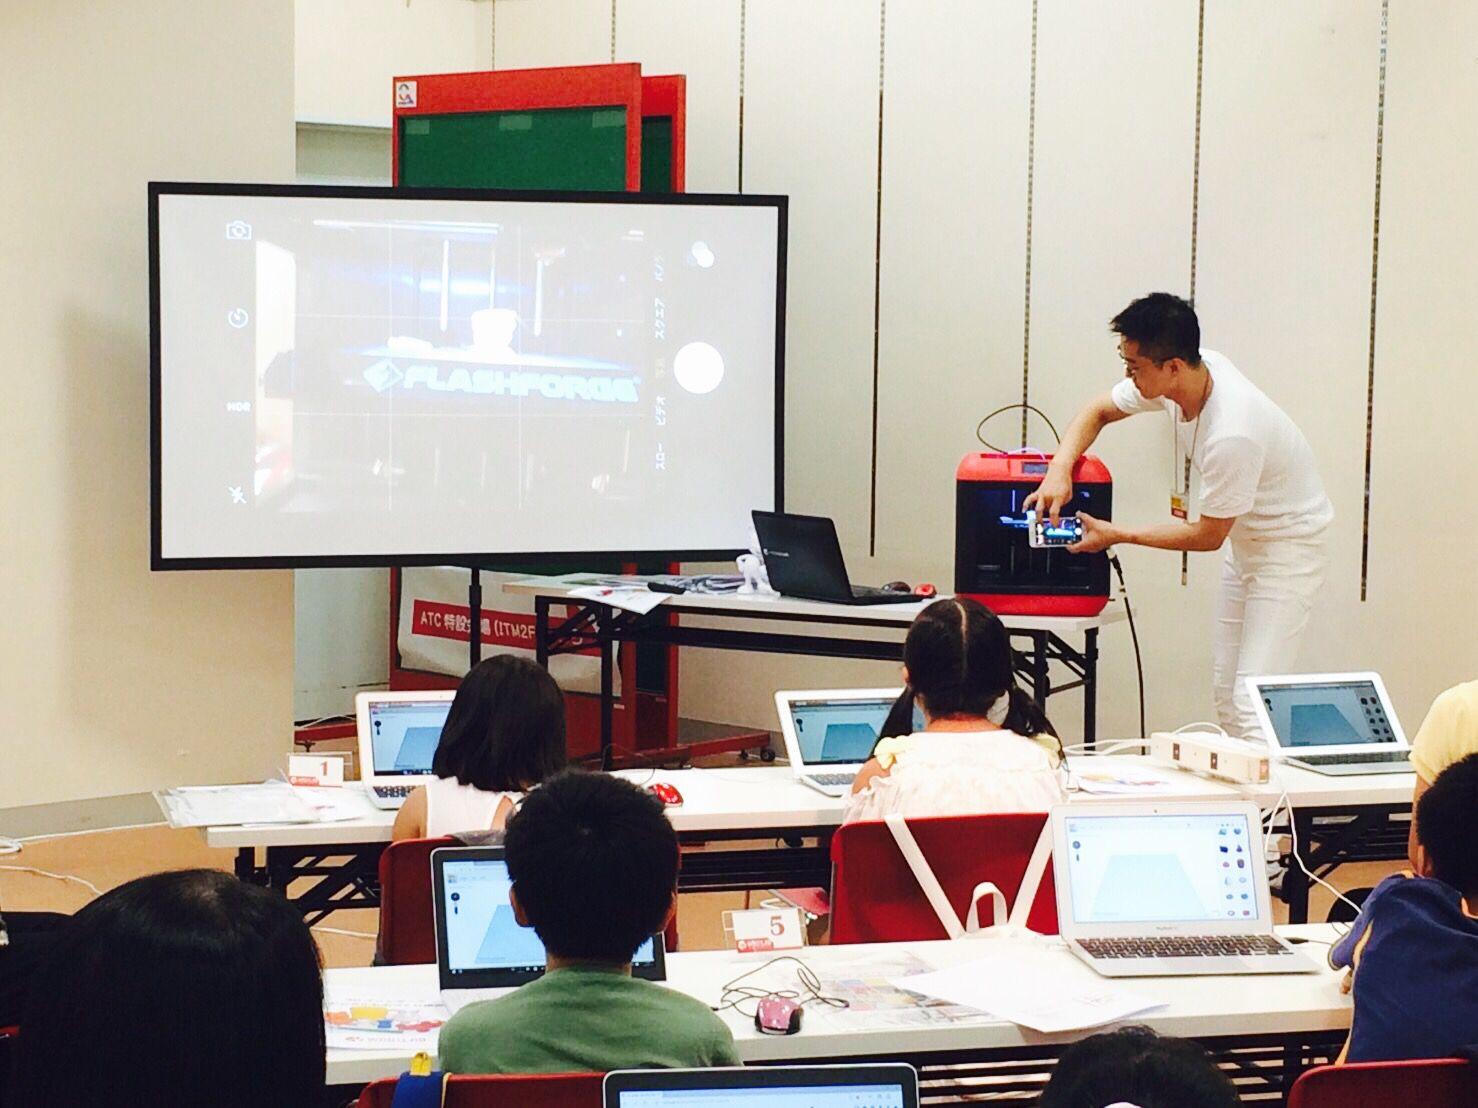 教育向け3Dモデリング、3Dプリンター勉強会